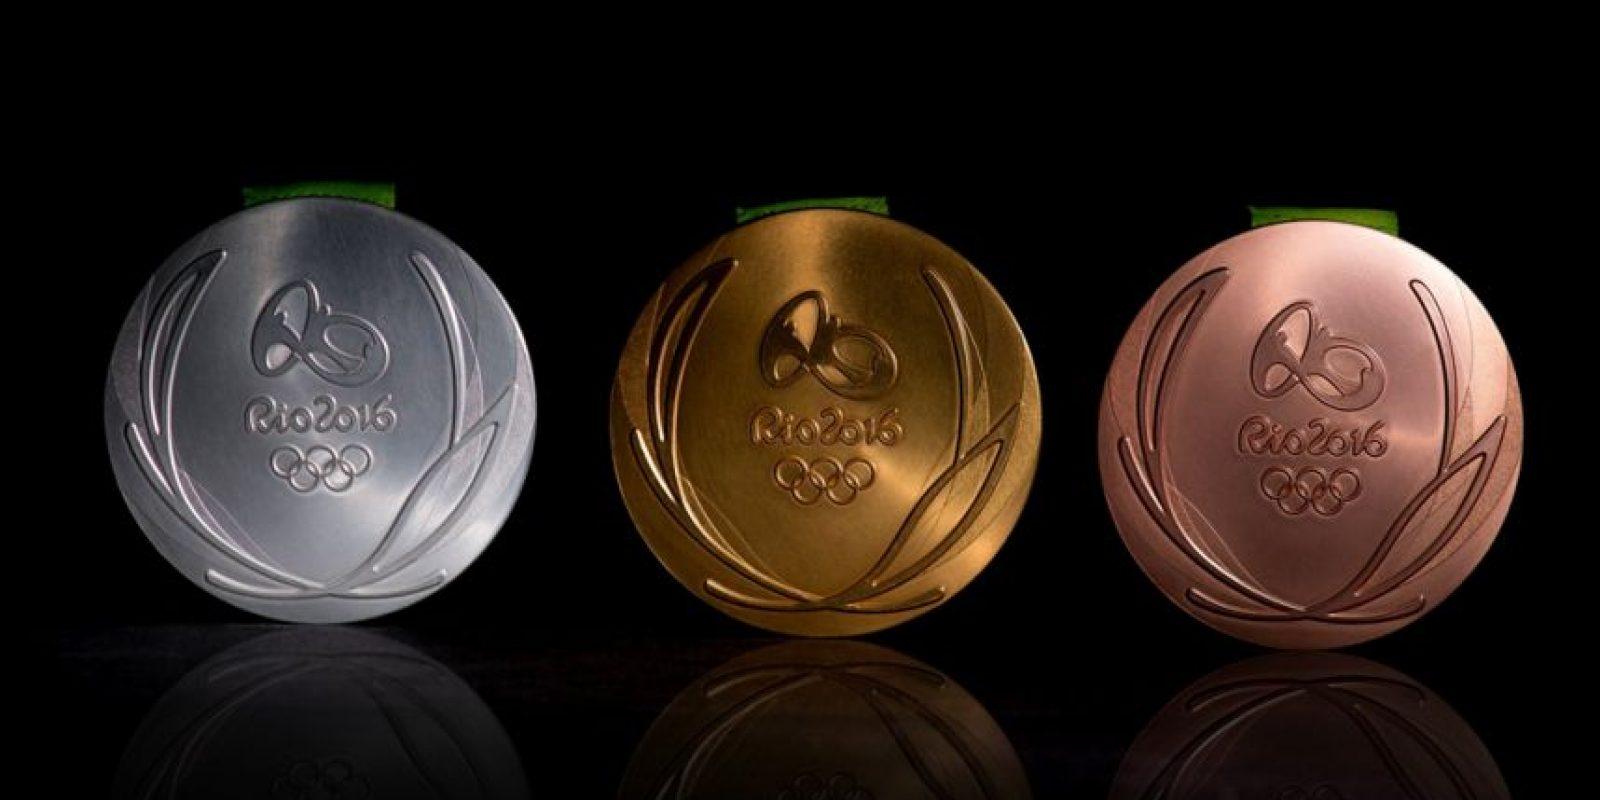 El COI presentó las medallas que se darán a los atletas ganadores en los Juegos Olímpicos. Foto:Twitter Río 2016. Imagen Por: